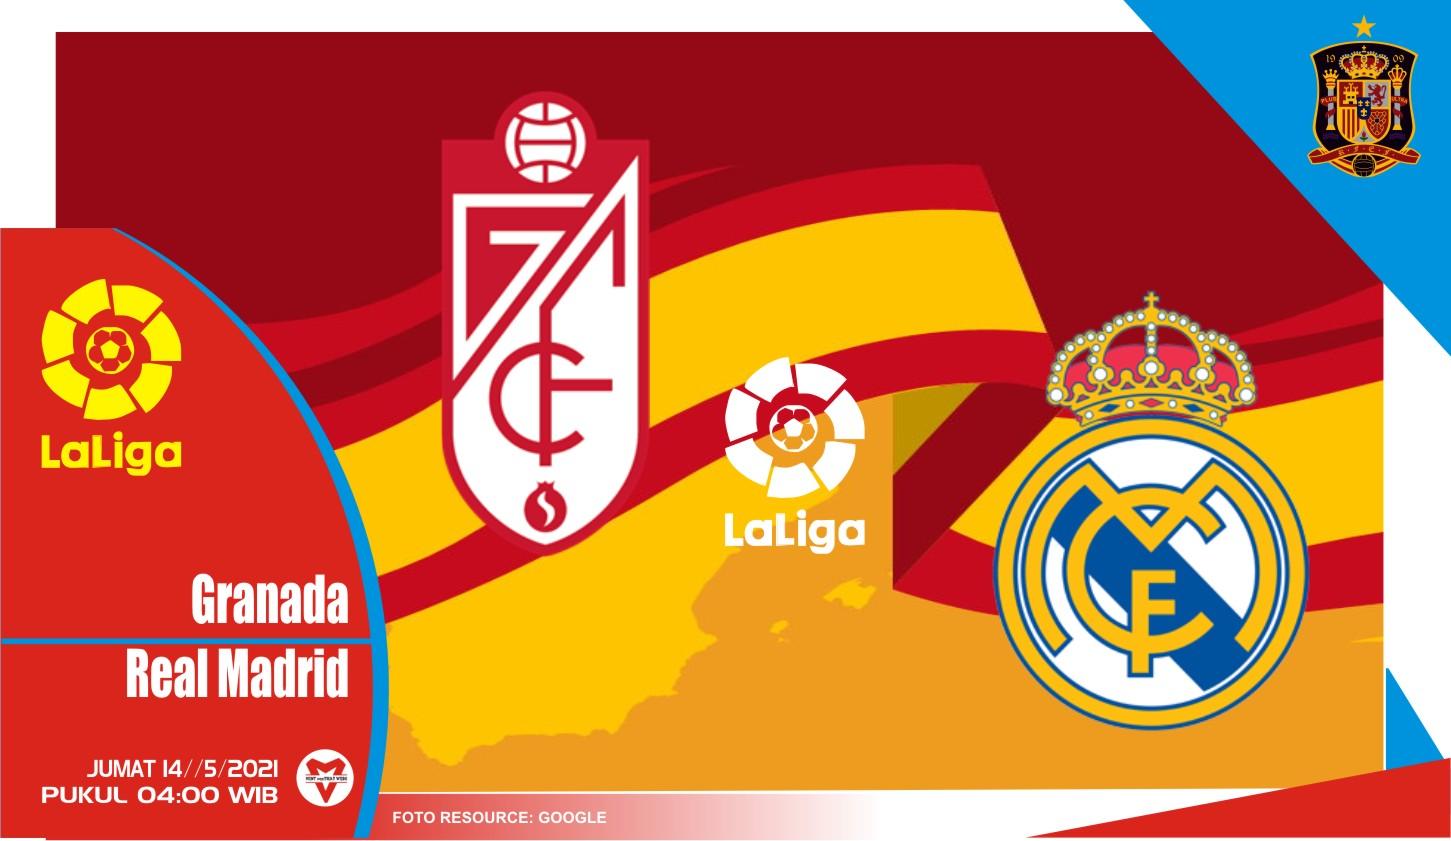 Prediksi Liga Spanyol: Granada vs Real Madrid - 14 Mei 2021